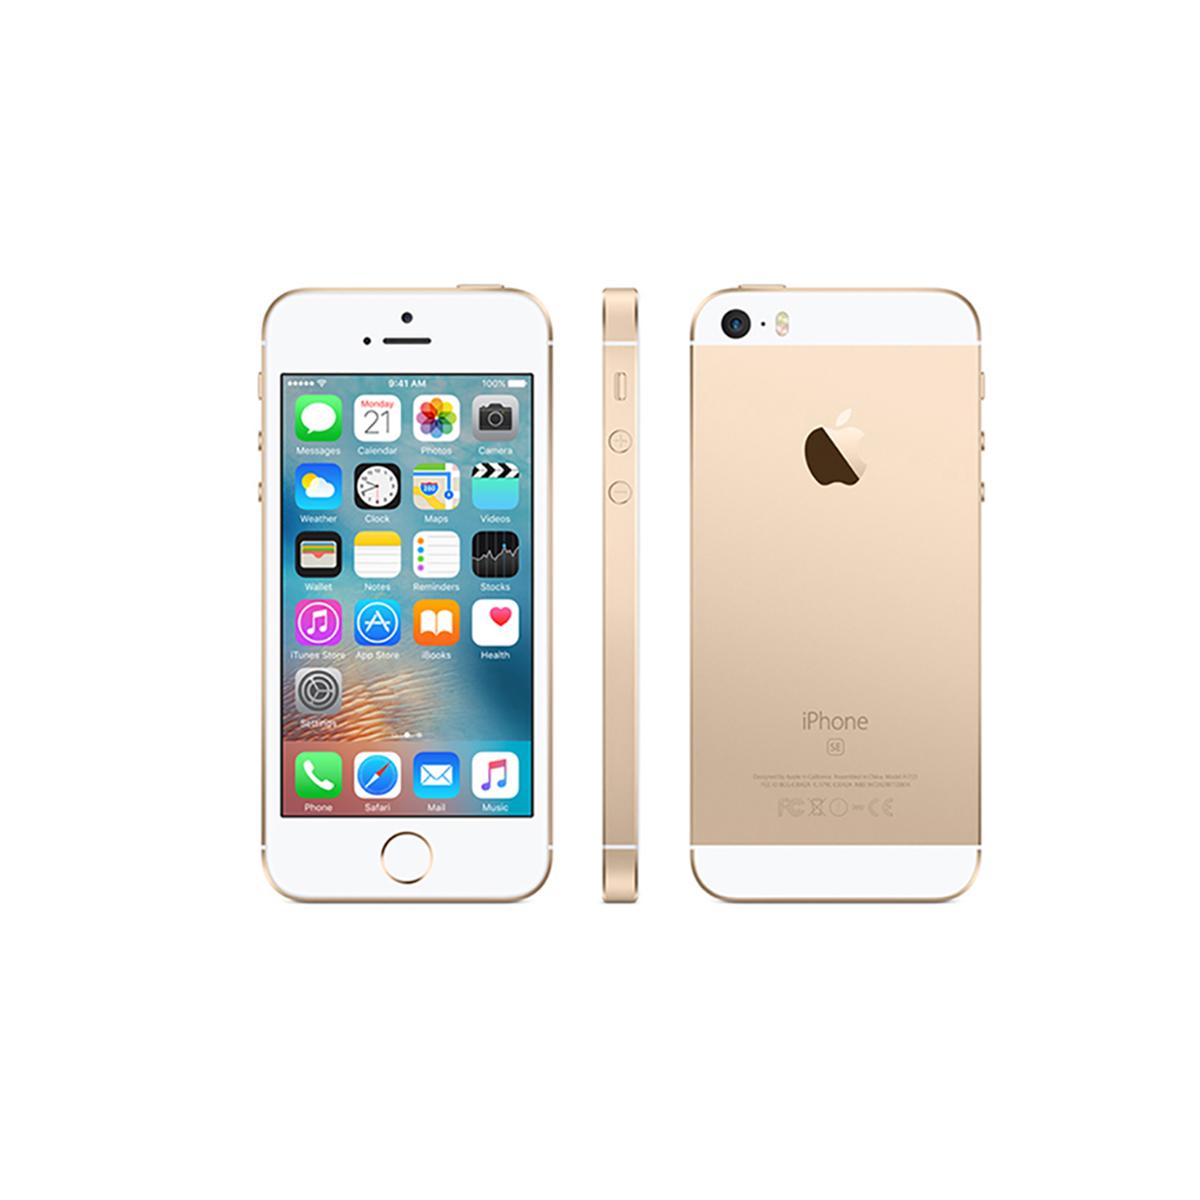 cba2202b643 ... on Apple poolt garantiikorrras uue vastu välja vahetatud tootega, mis  on kasutamata. Seadmel kehtib garantii 1 aasta. Komplektis laadija ning USB  juhe.